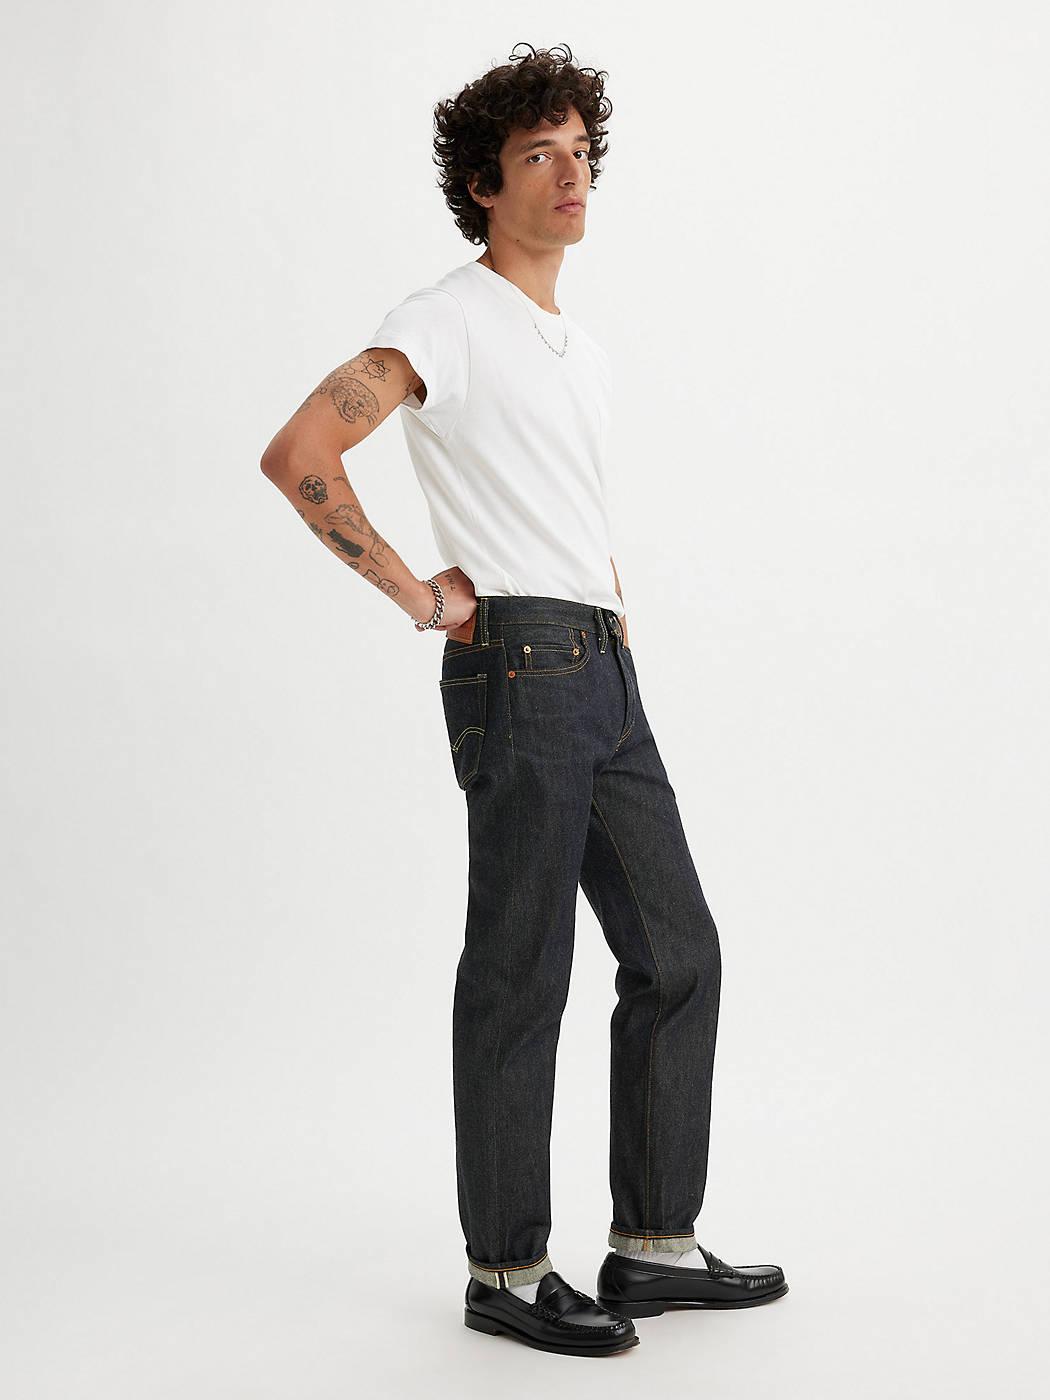 Levi's® Vintage Clothing 501® 1954 Jeans 3